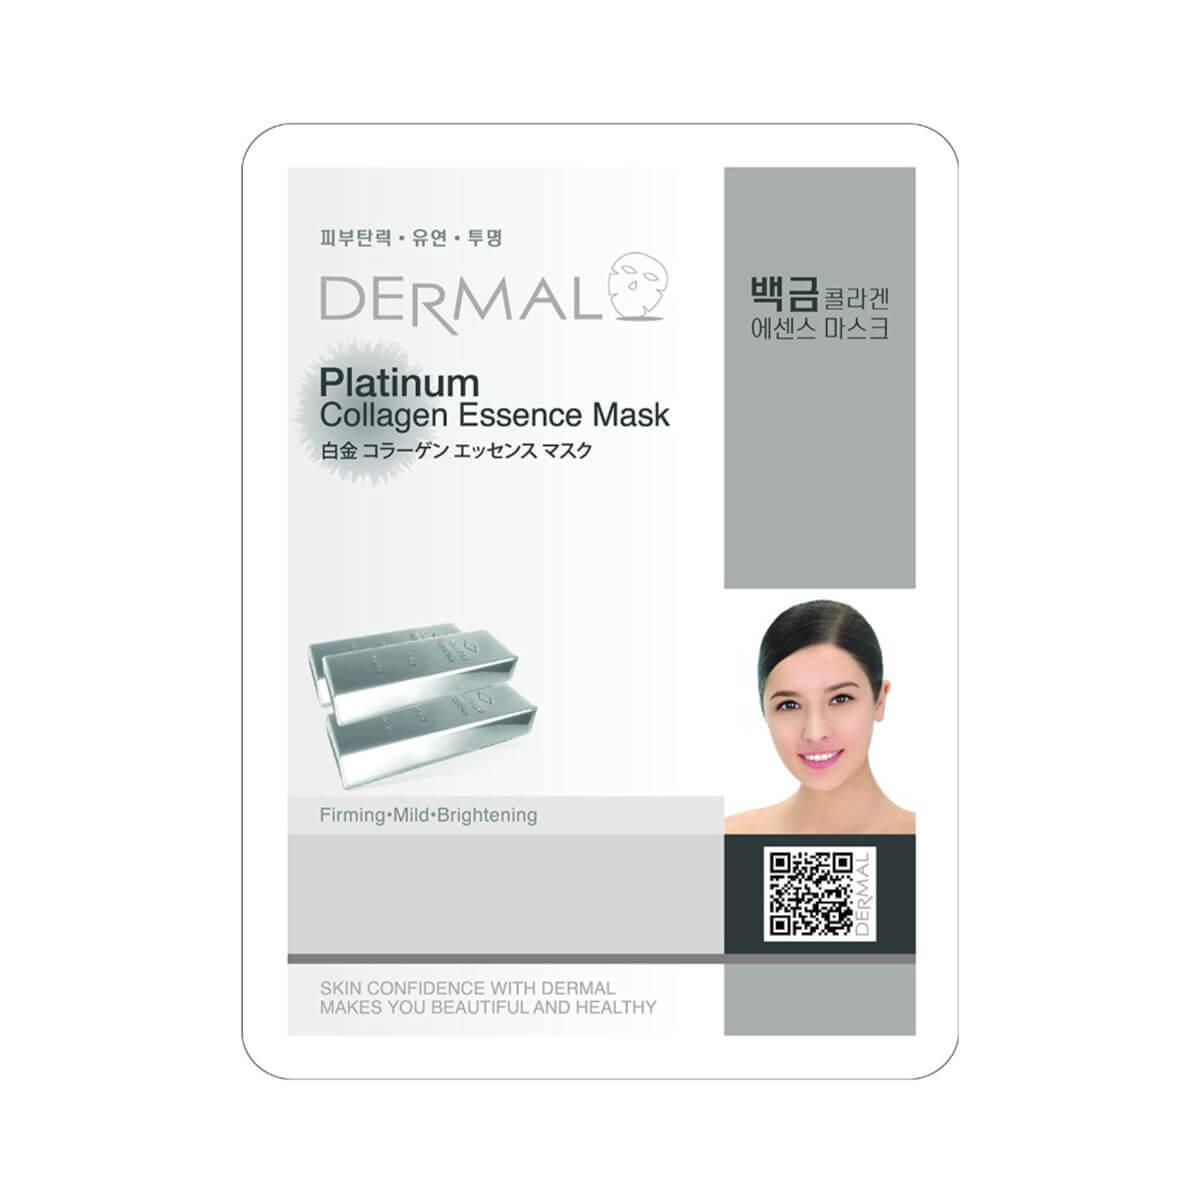 Dermal Питательная маска для лица на основе эссенции платины и коллагена Platinum Collagen Essence Mask